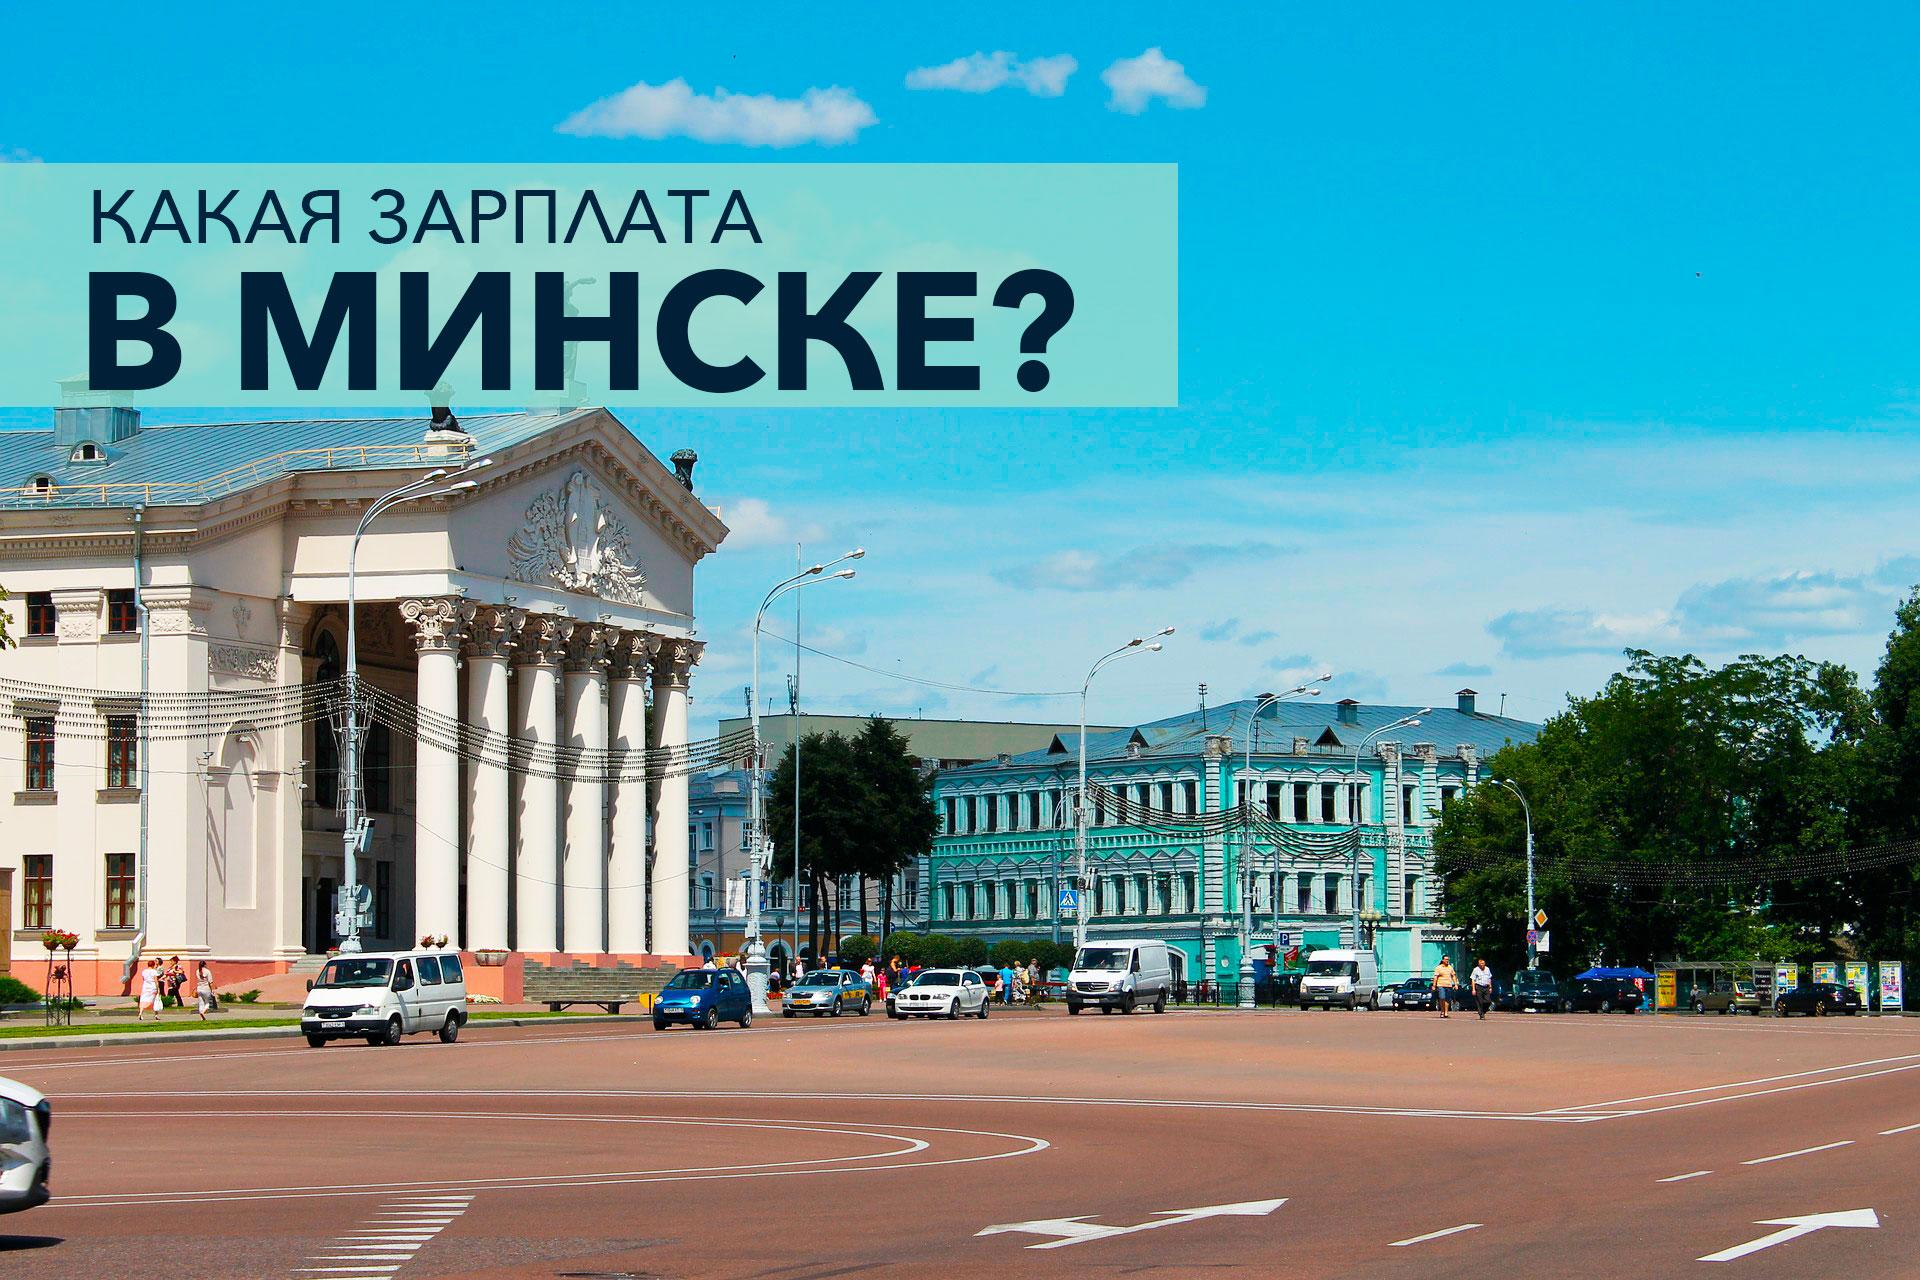 Зарплата в Минске, Беларусьи уровень жизни